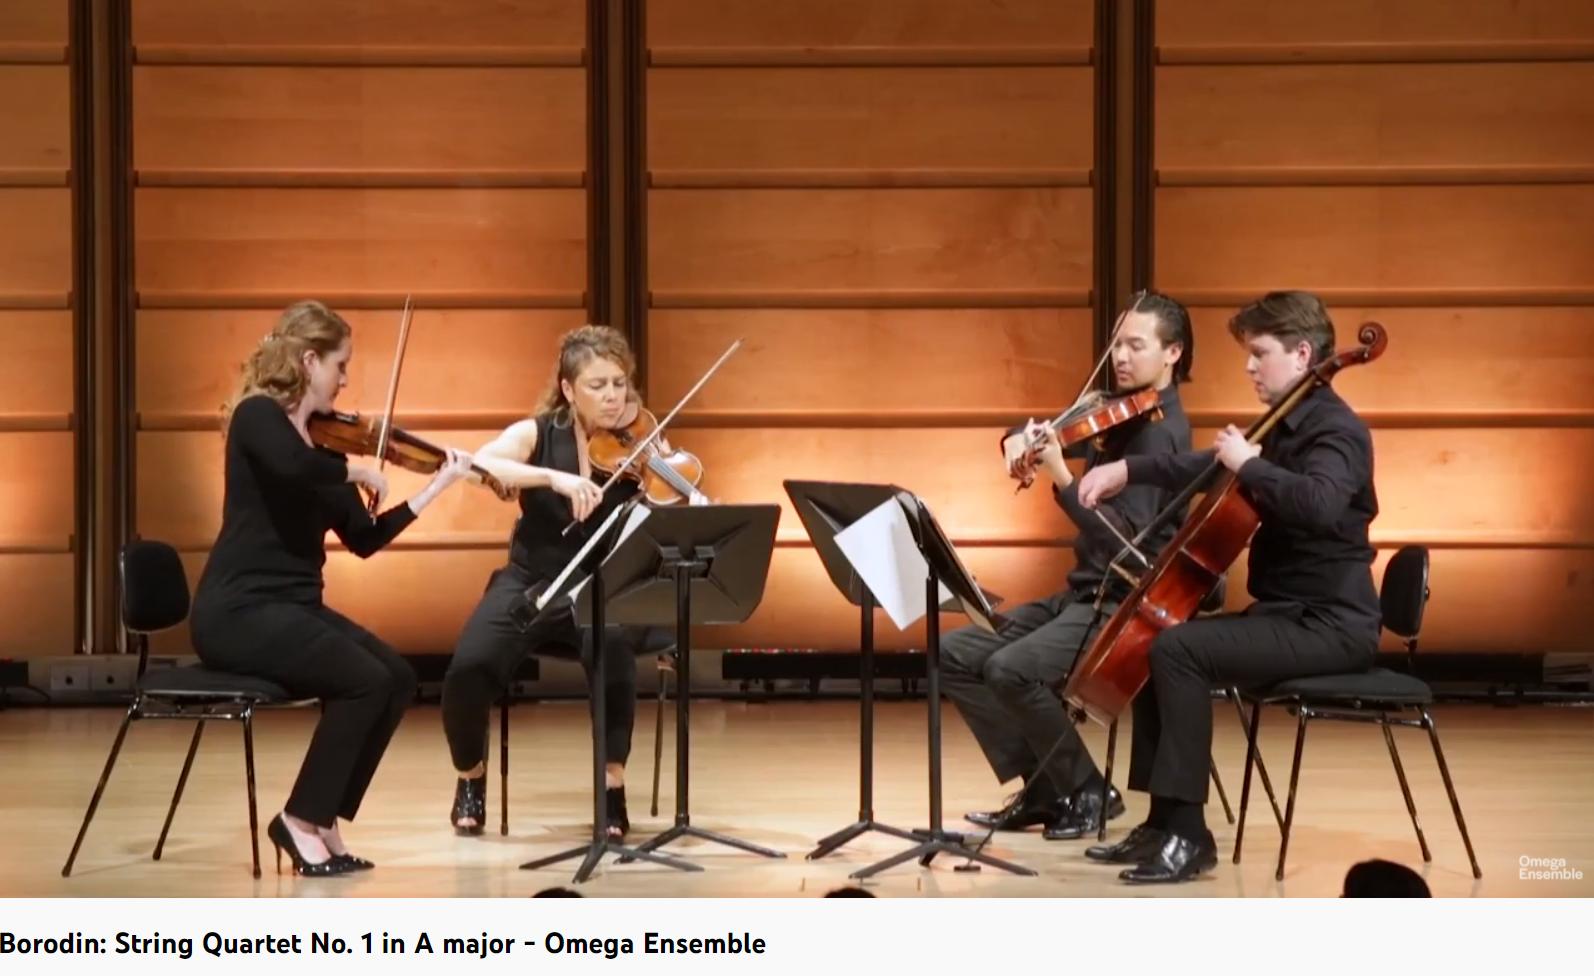 Borodine quatuor n° 1